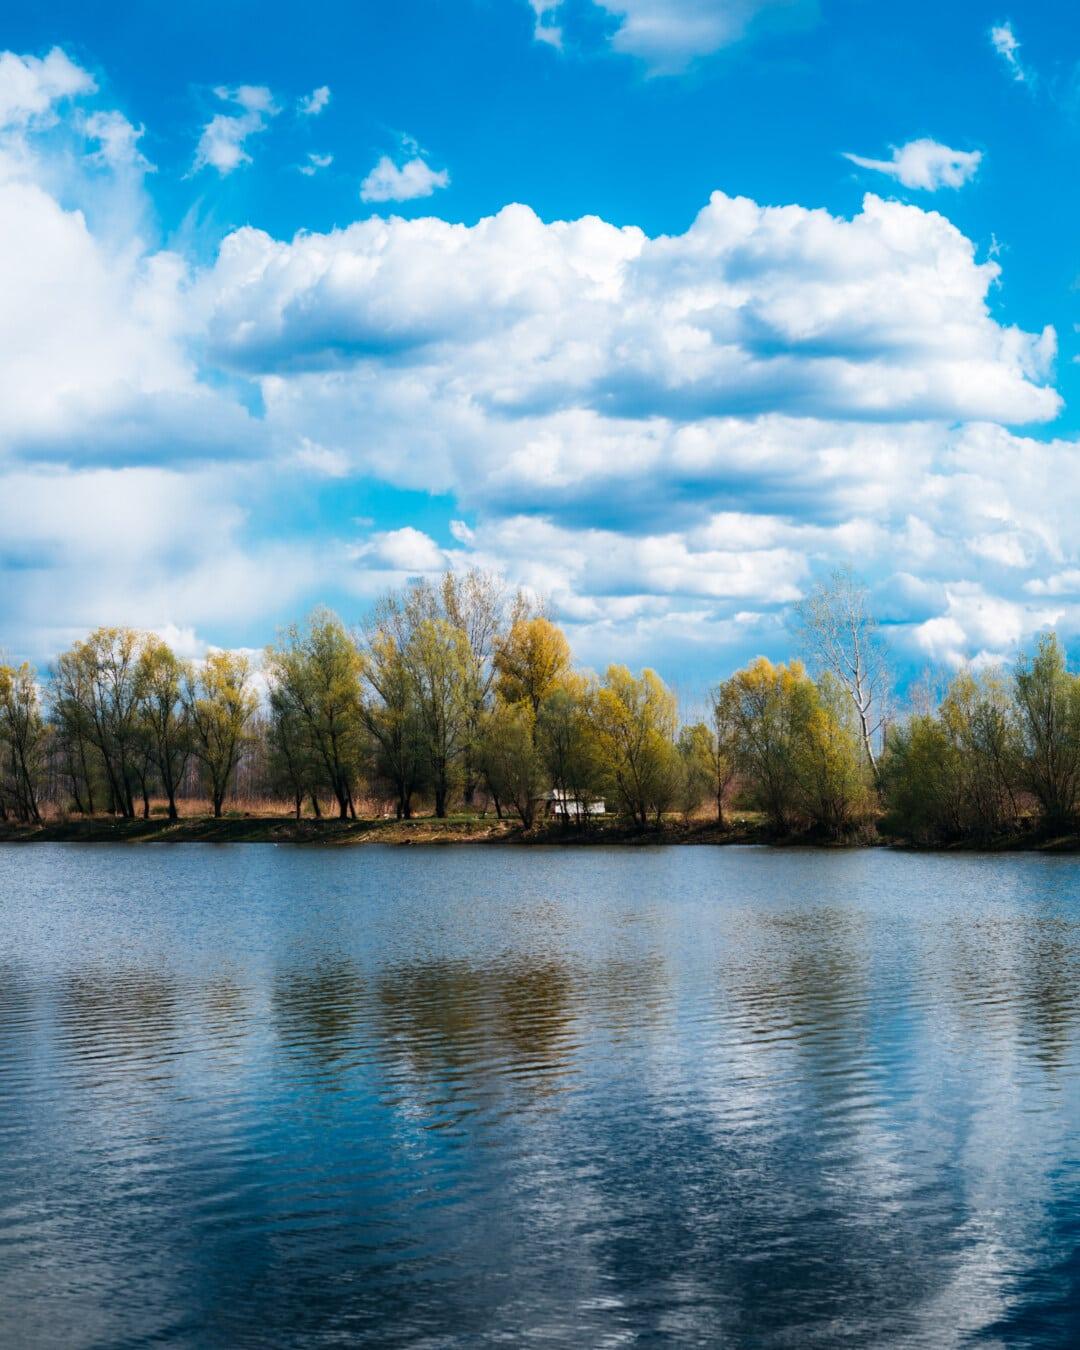 au bord du lac, ciel bleu, réflexion, printemps, nuages, majestueux, placide, paysage, Lac, rive